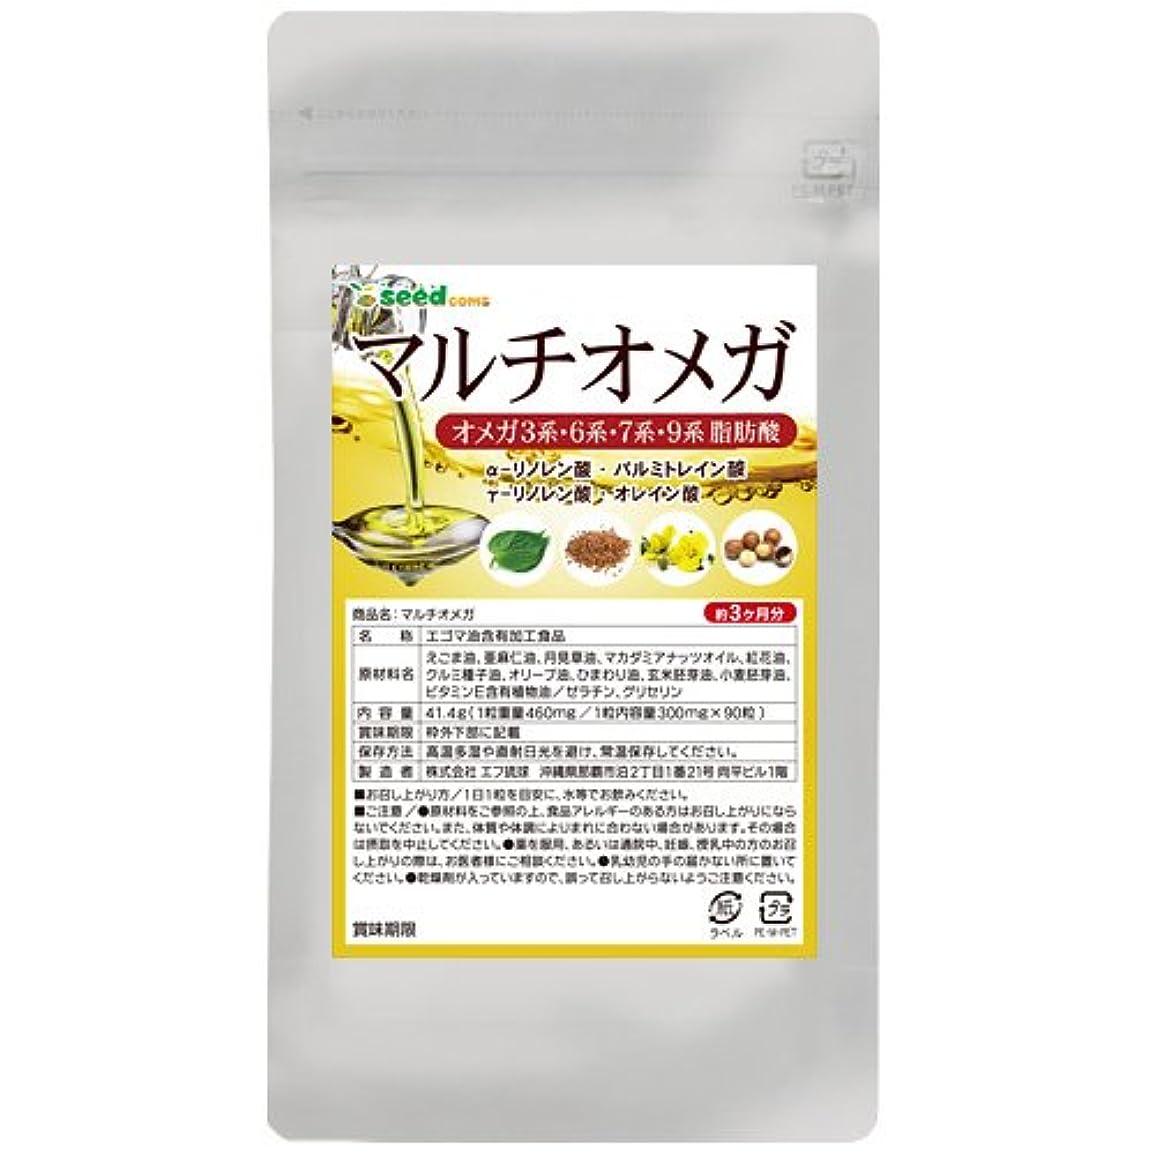 うまオンス硬さマルチ オメガ (約3ヶ月分/90粒) えごま油 亜麻仁油 など 4種のオメガオイル